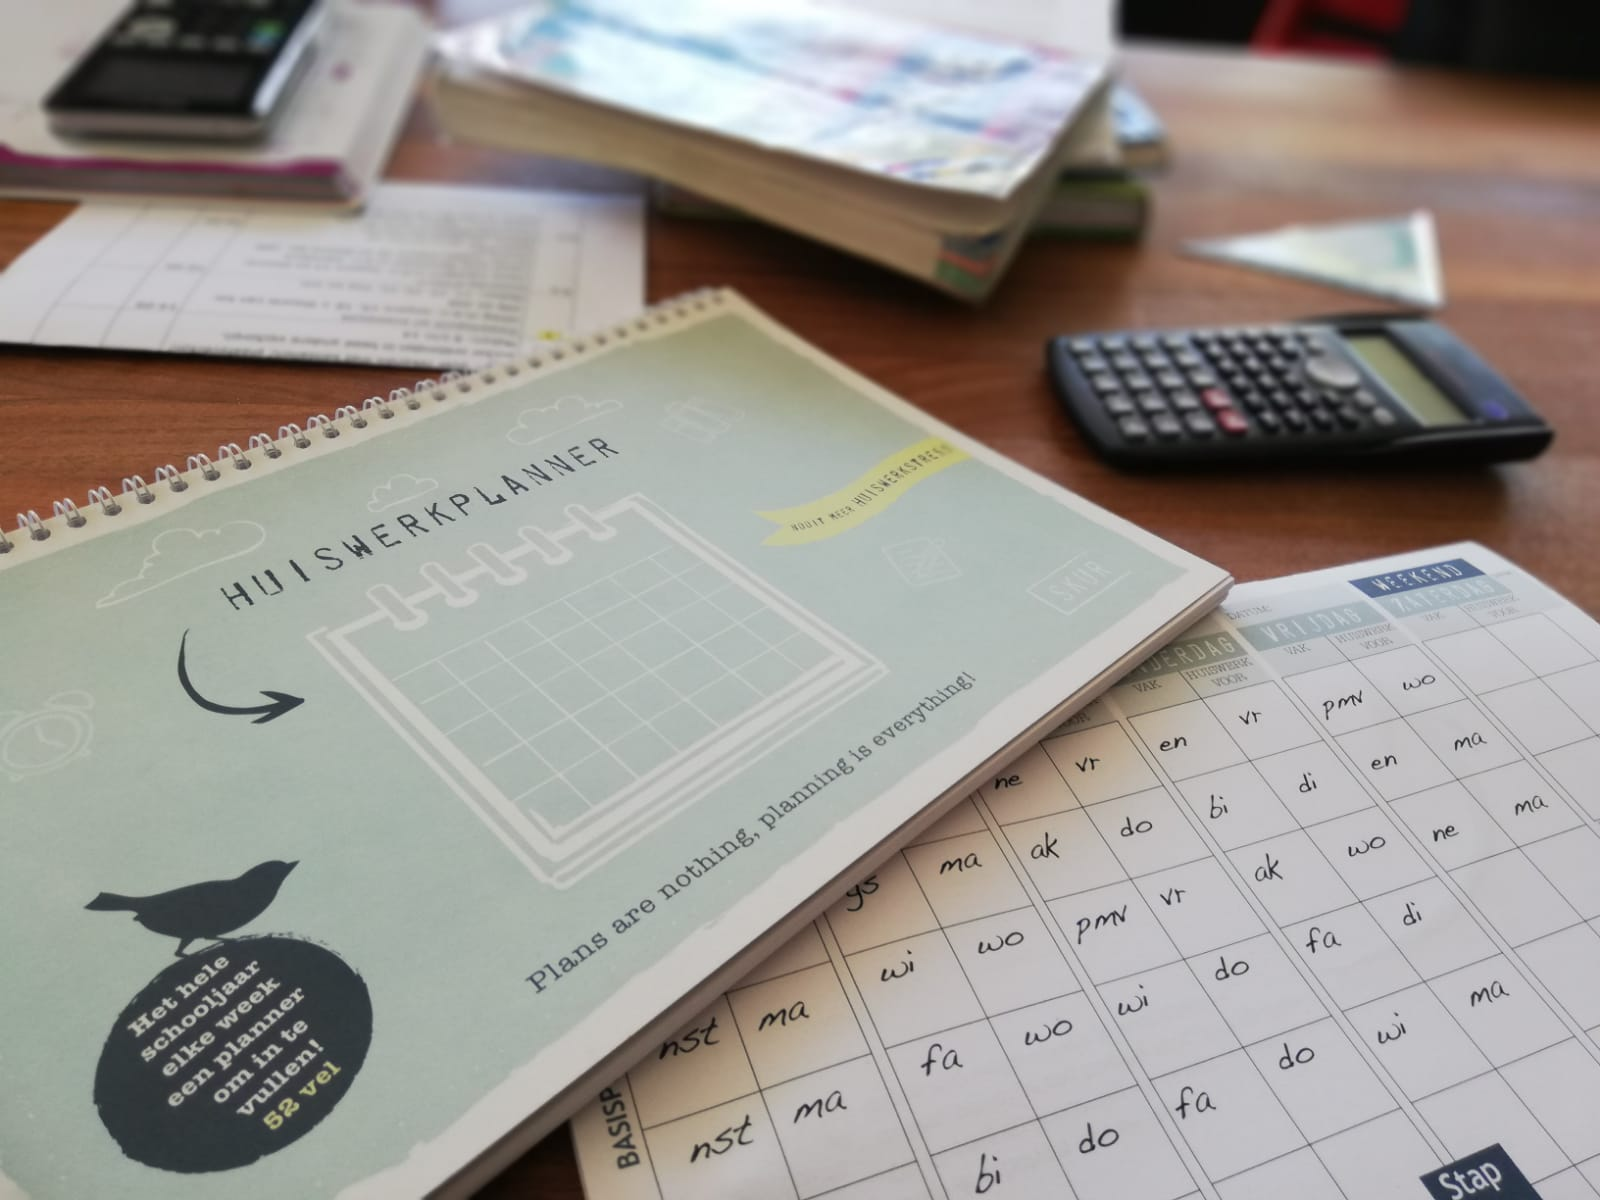 Skur huiswerkplanner